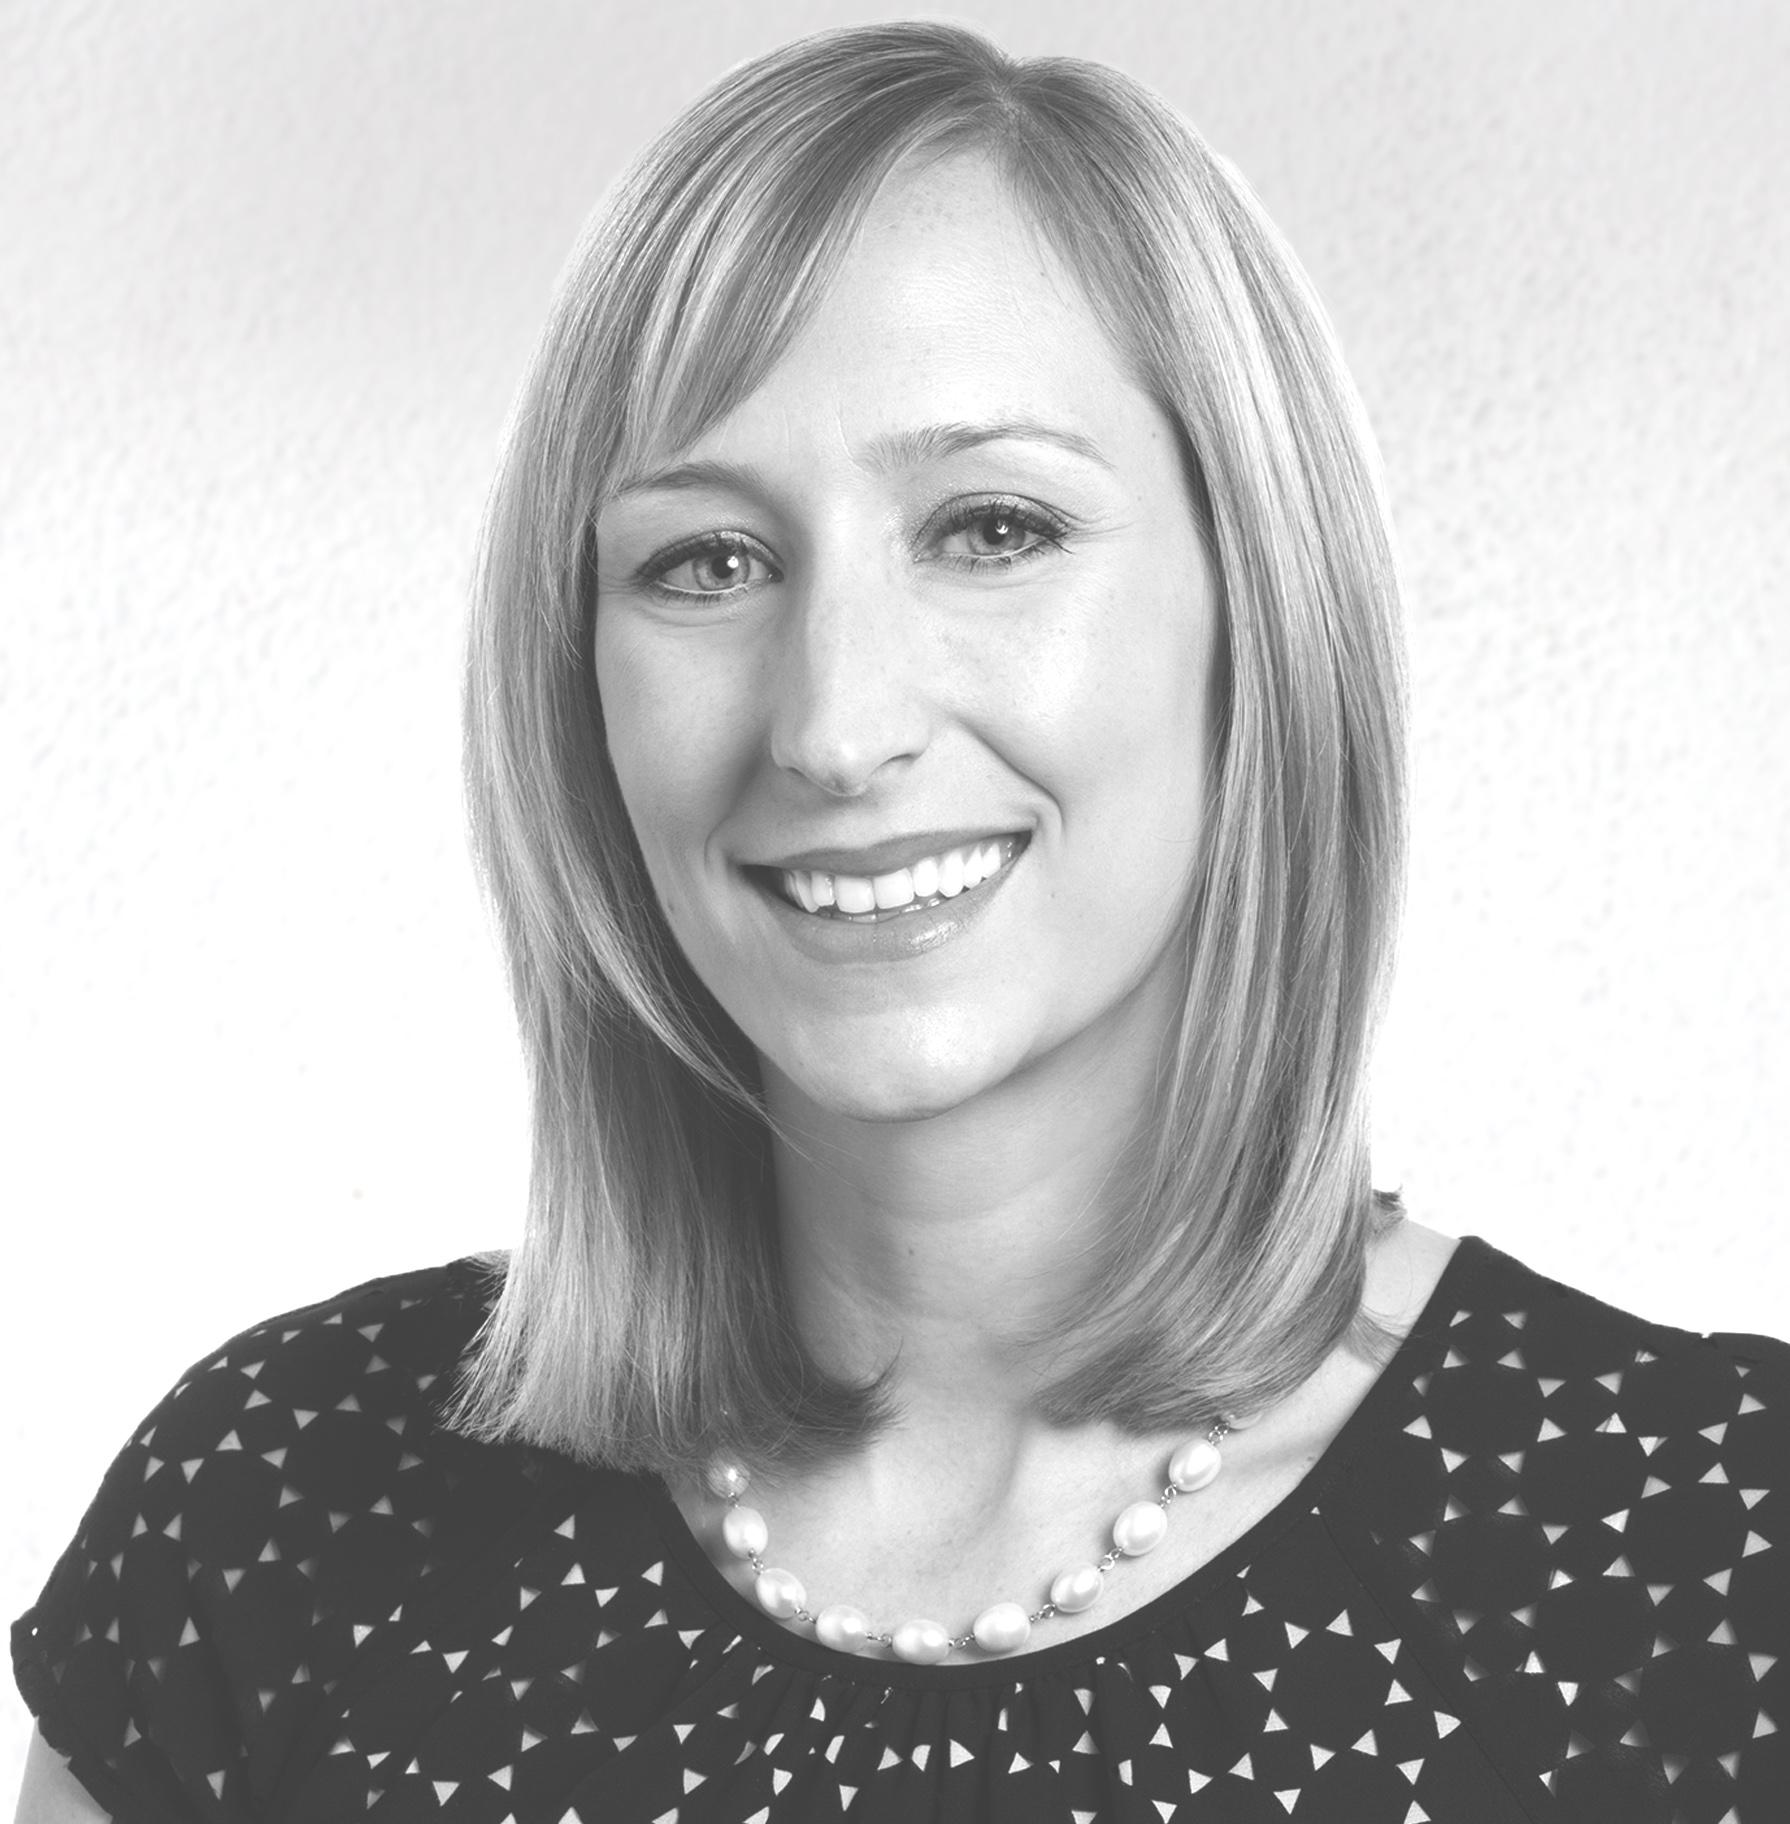 Amanda DeWeese